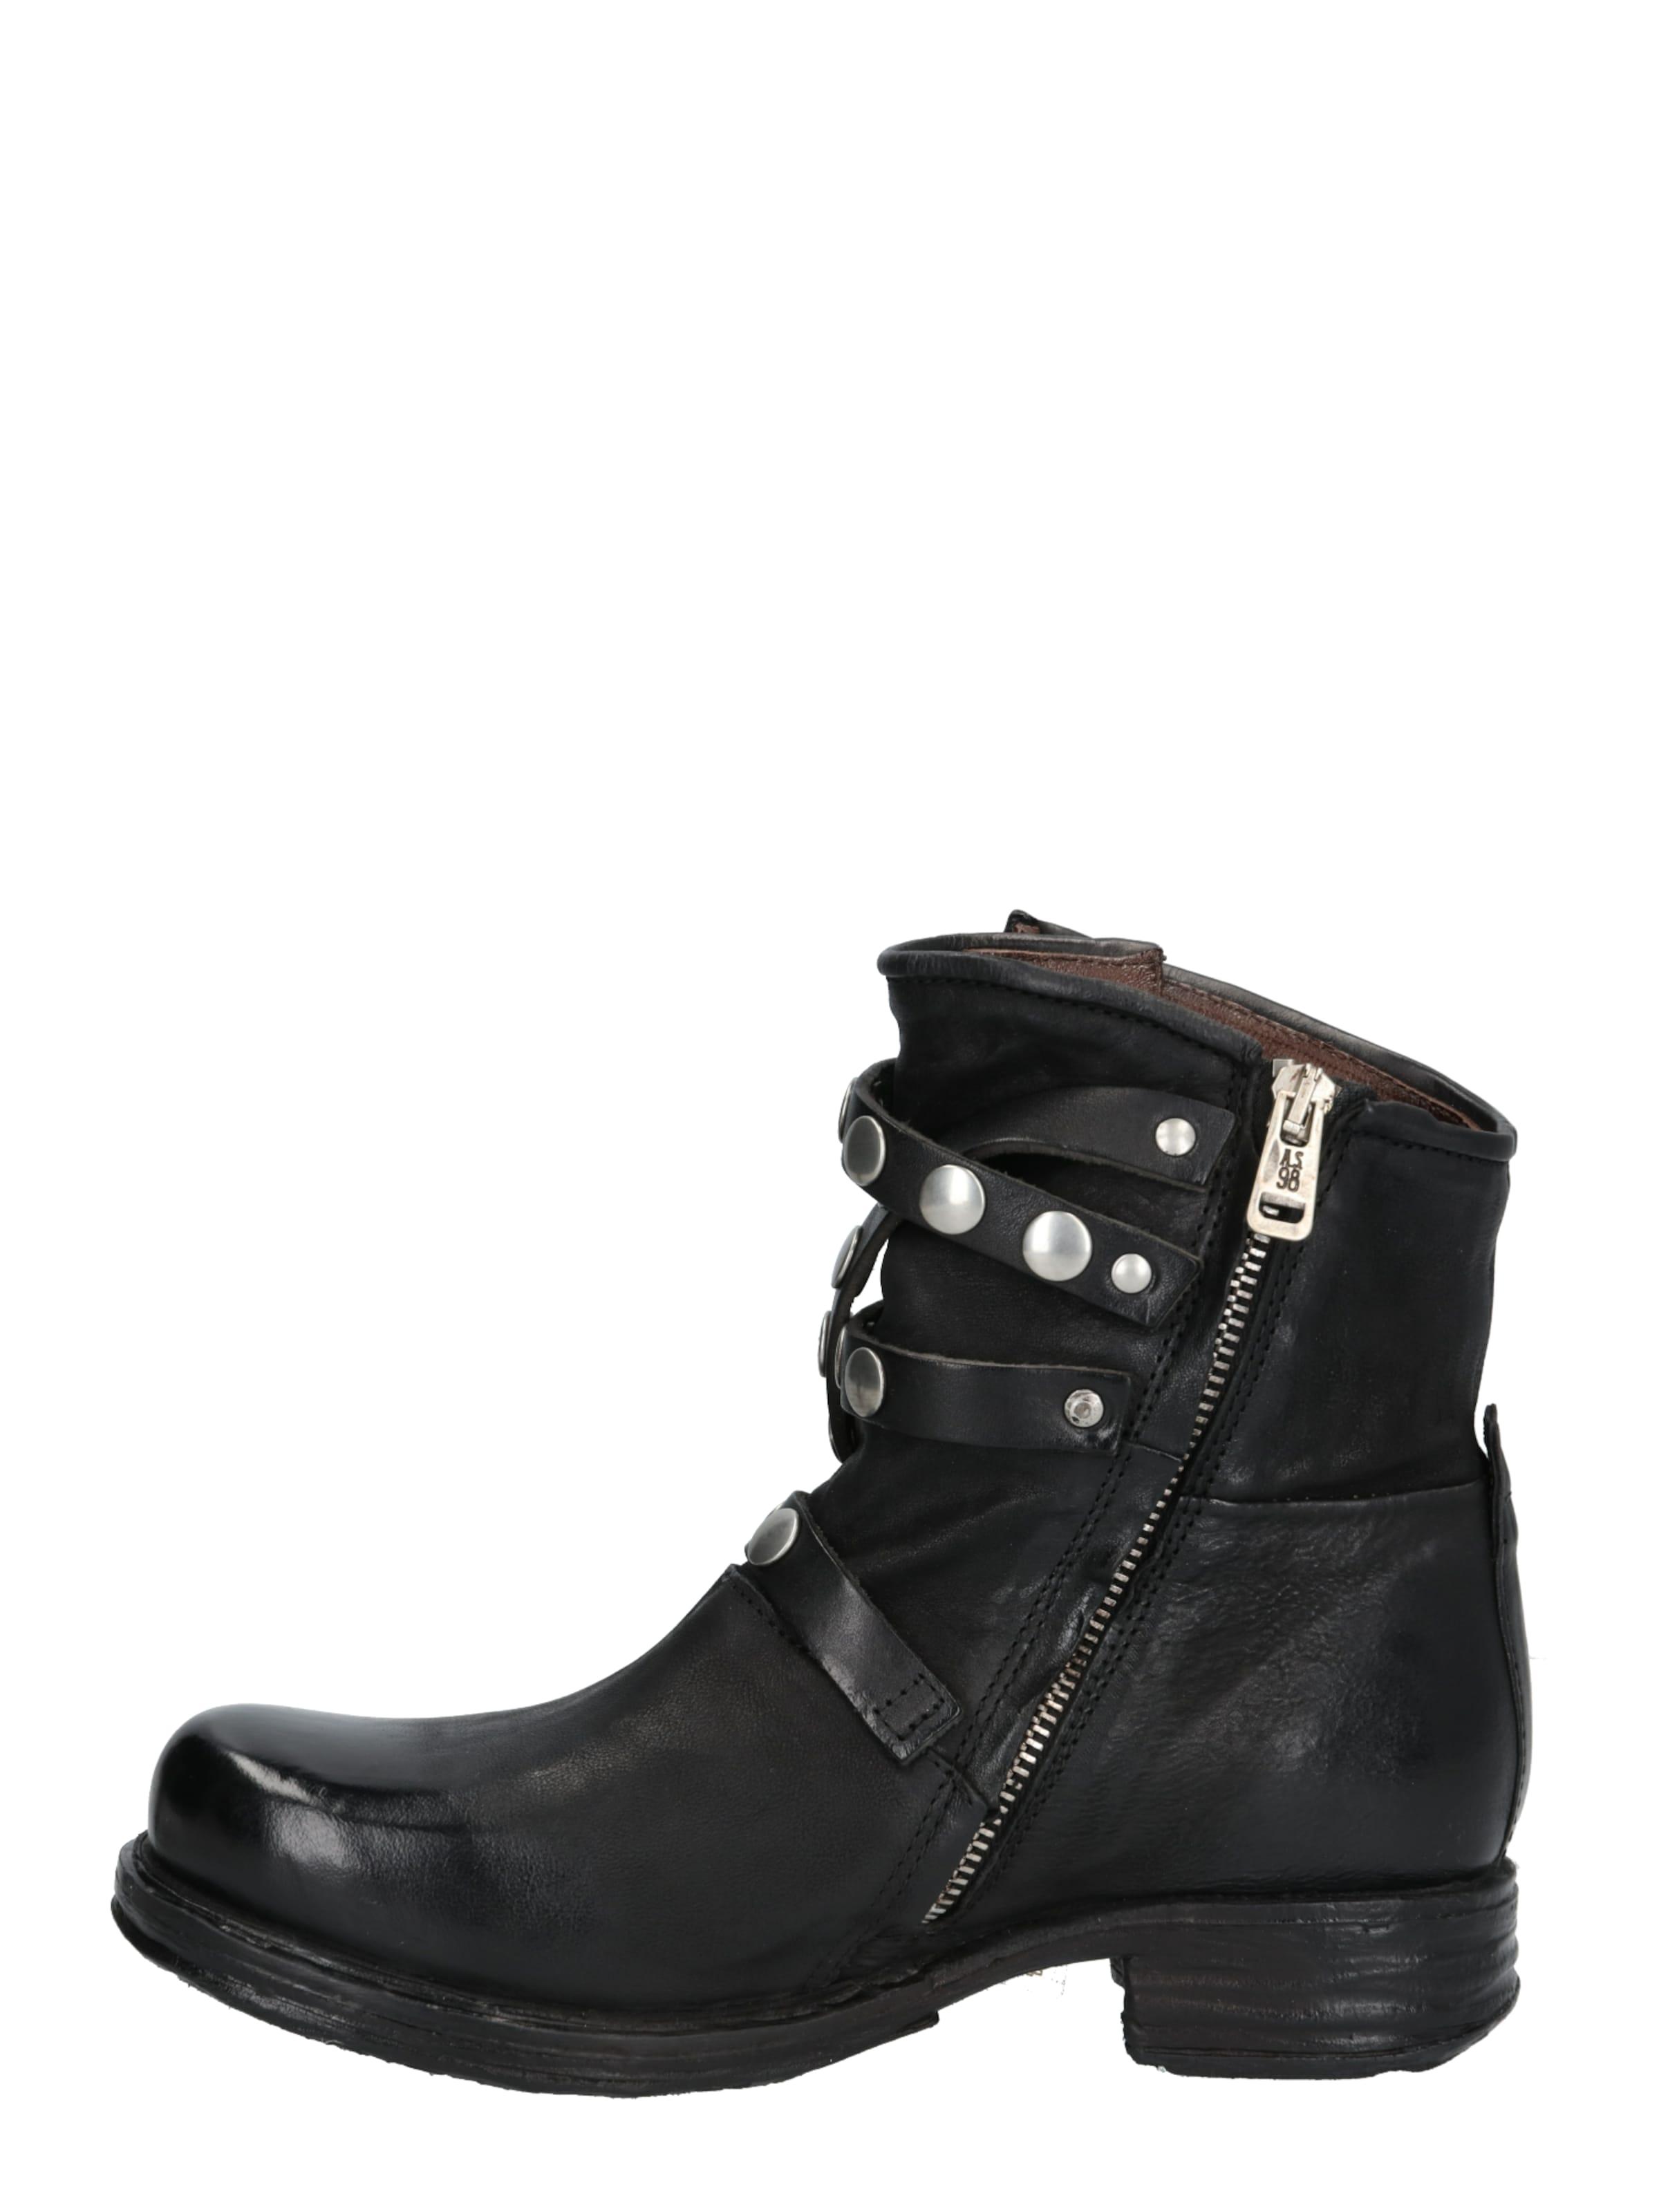 s Boots A En 98 Noir jcLq3RA54